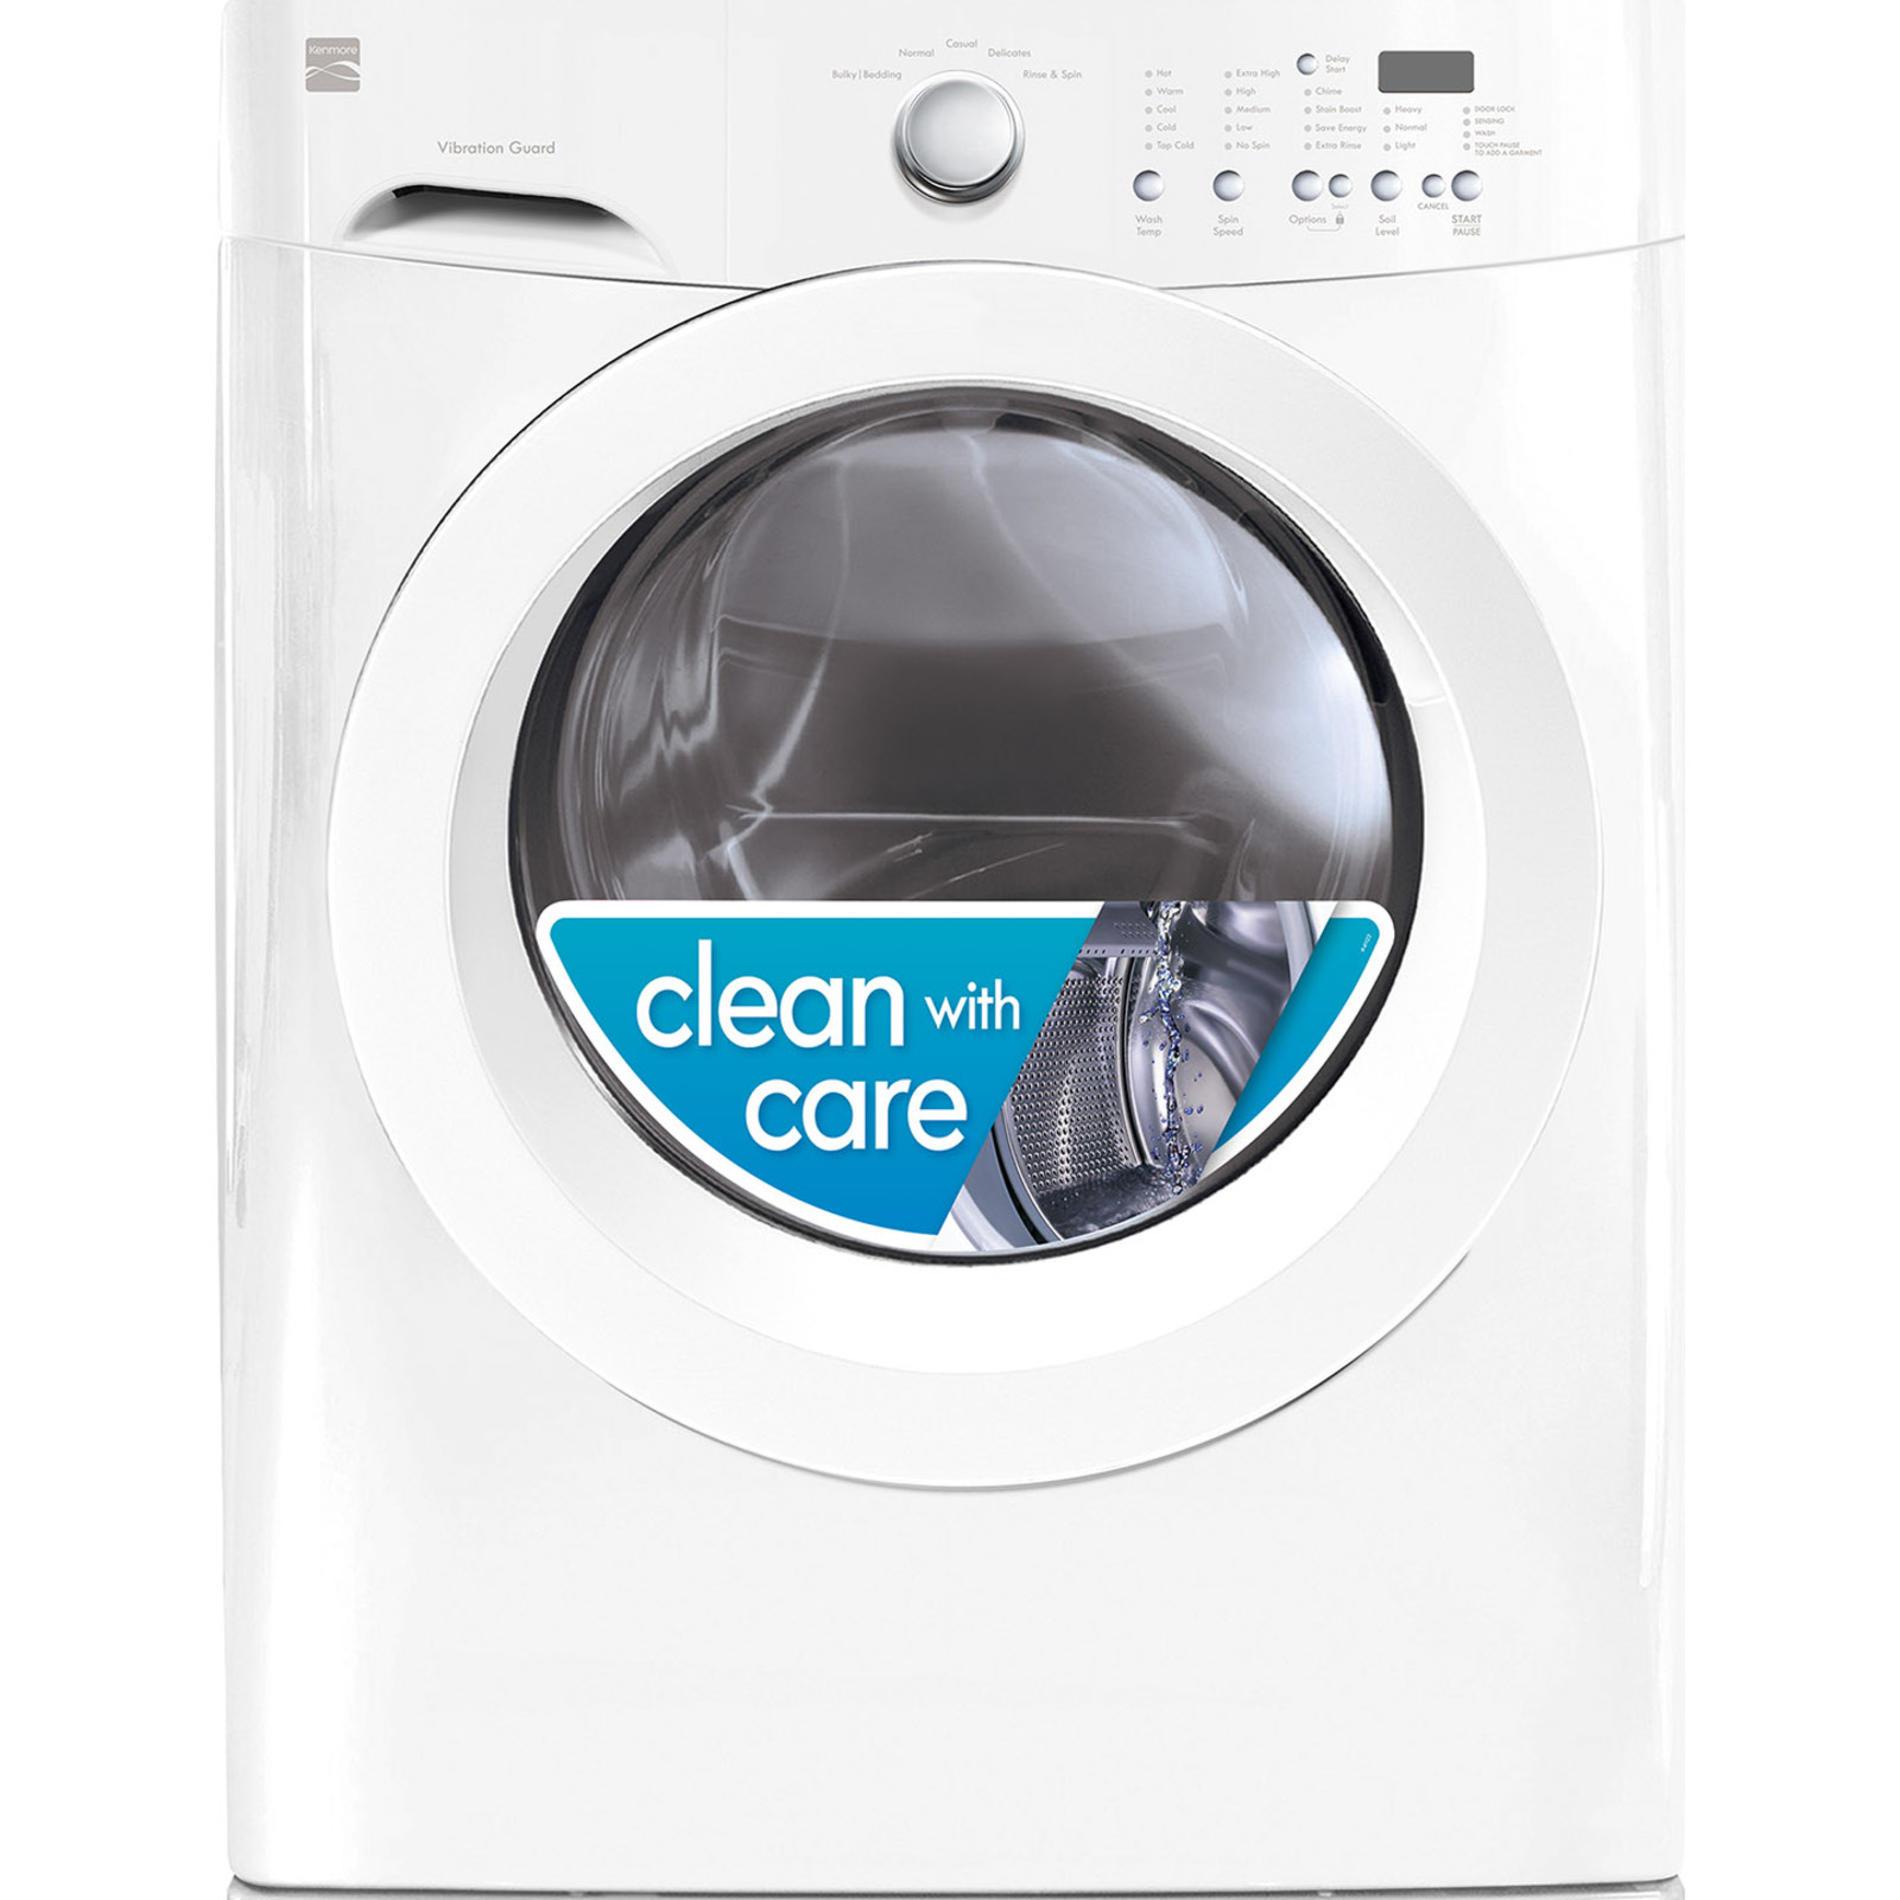 kenmore washing machine model 110.26002010 service manual